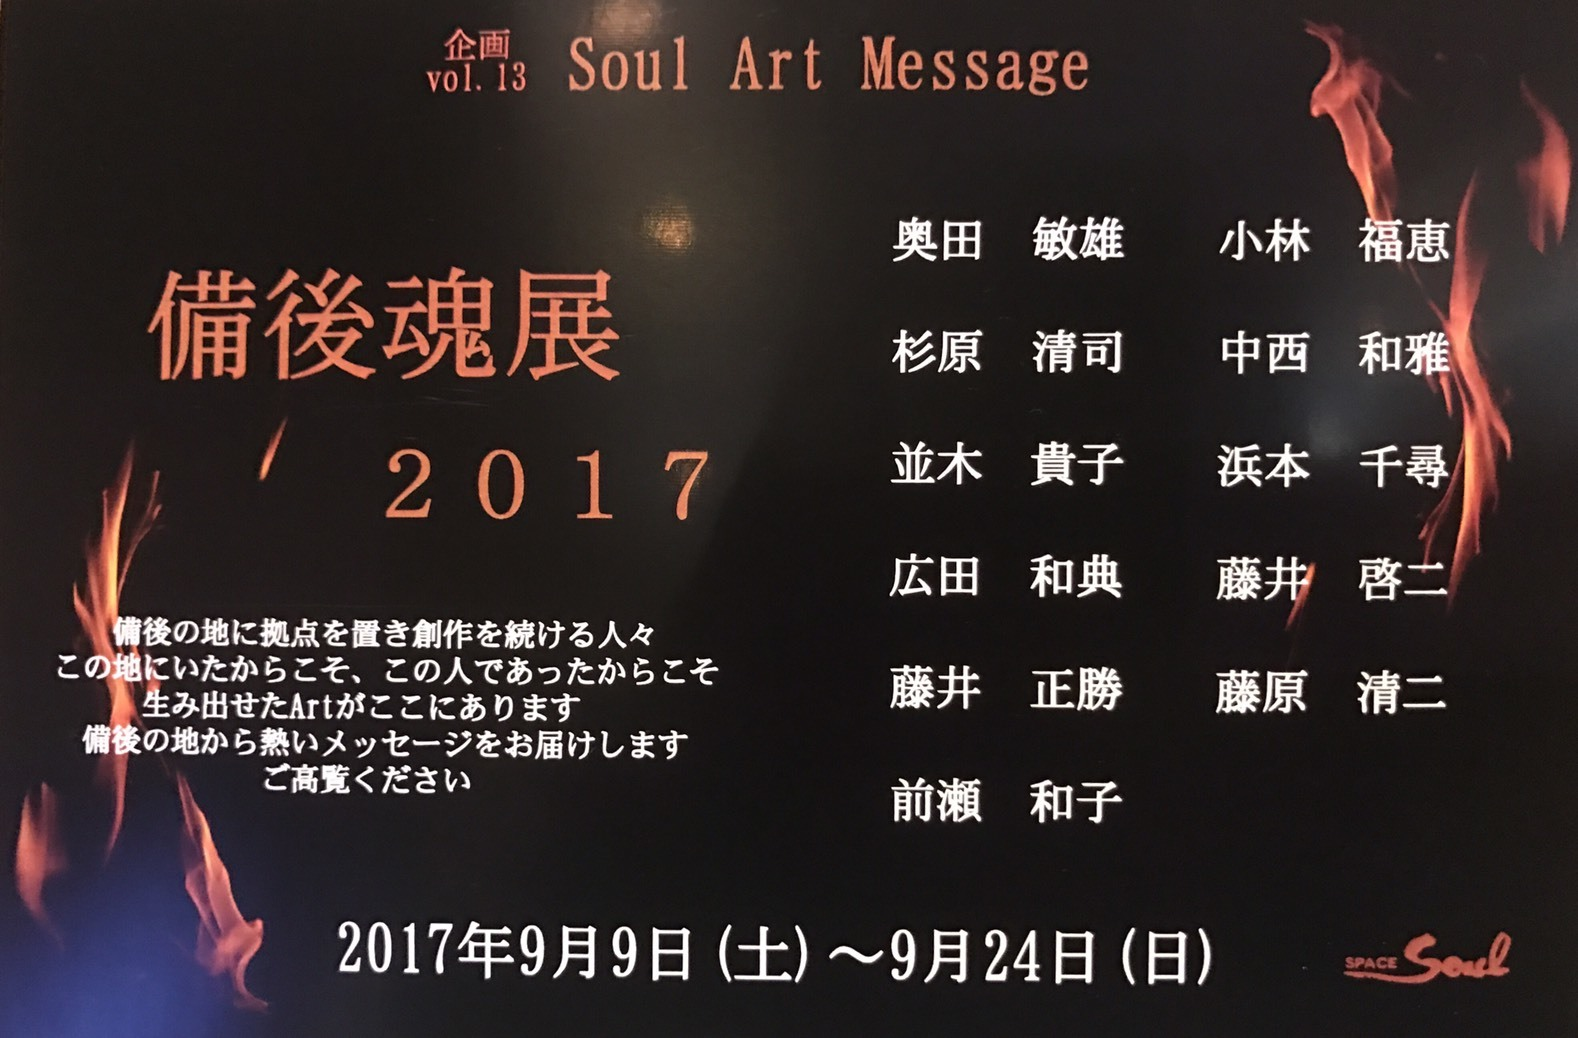 備後魂展 2017_b0120028_13581961.jpg